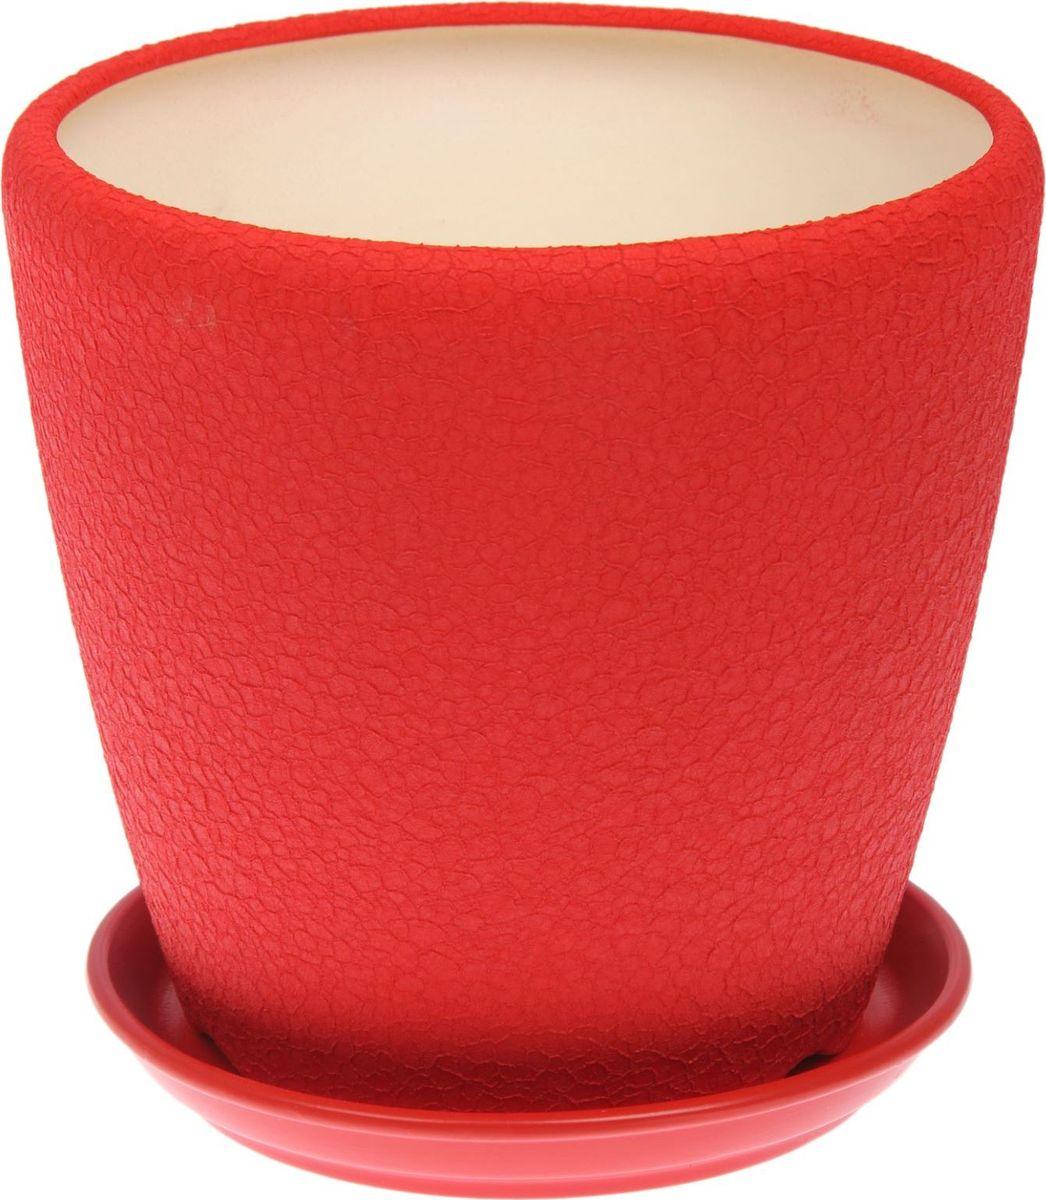 Кашпо Керамика ручной работы Грация, цвет: красный, 10 л1489676Комнатные растения — всеобщие любимцы. Они радуют глаз, насыщают помещение кислородом и украшают пространство. Каждому из них необходим свой удобный и красивый дом. Кашпо из керамики прекрасно подходят для высадки растений: за счет пластичности глины и разных способов обработки существует великое множество форм и дизайнов пористый материал позволяет испаряться лишней влаге воздух, необходимый для дыхания корней, проникает сквозь керамические стенки! позаботится о зеленом питомце, освежит интерьер и подчеркнет его стиль.